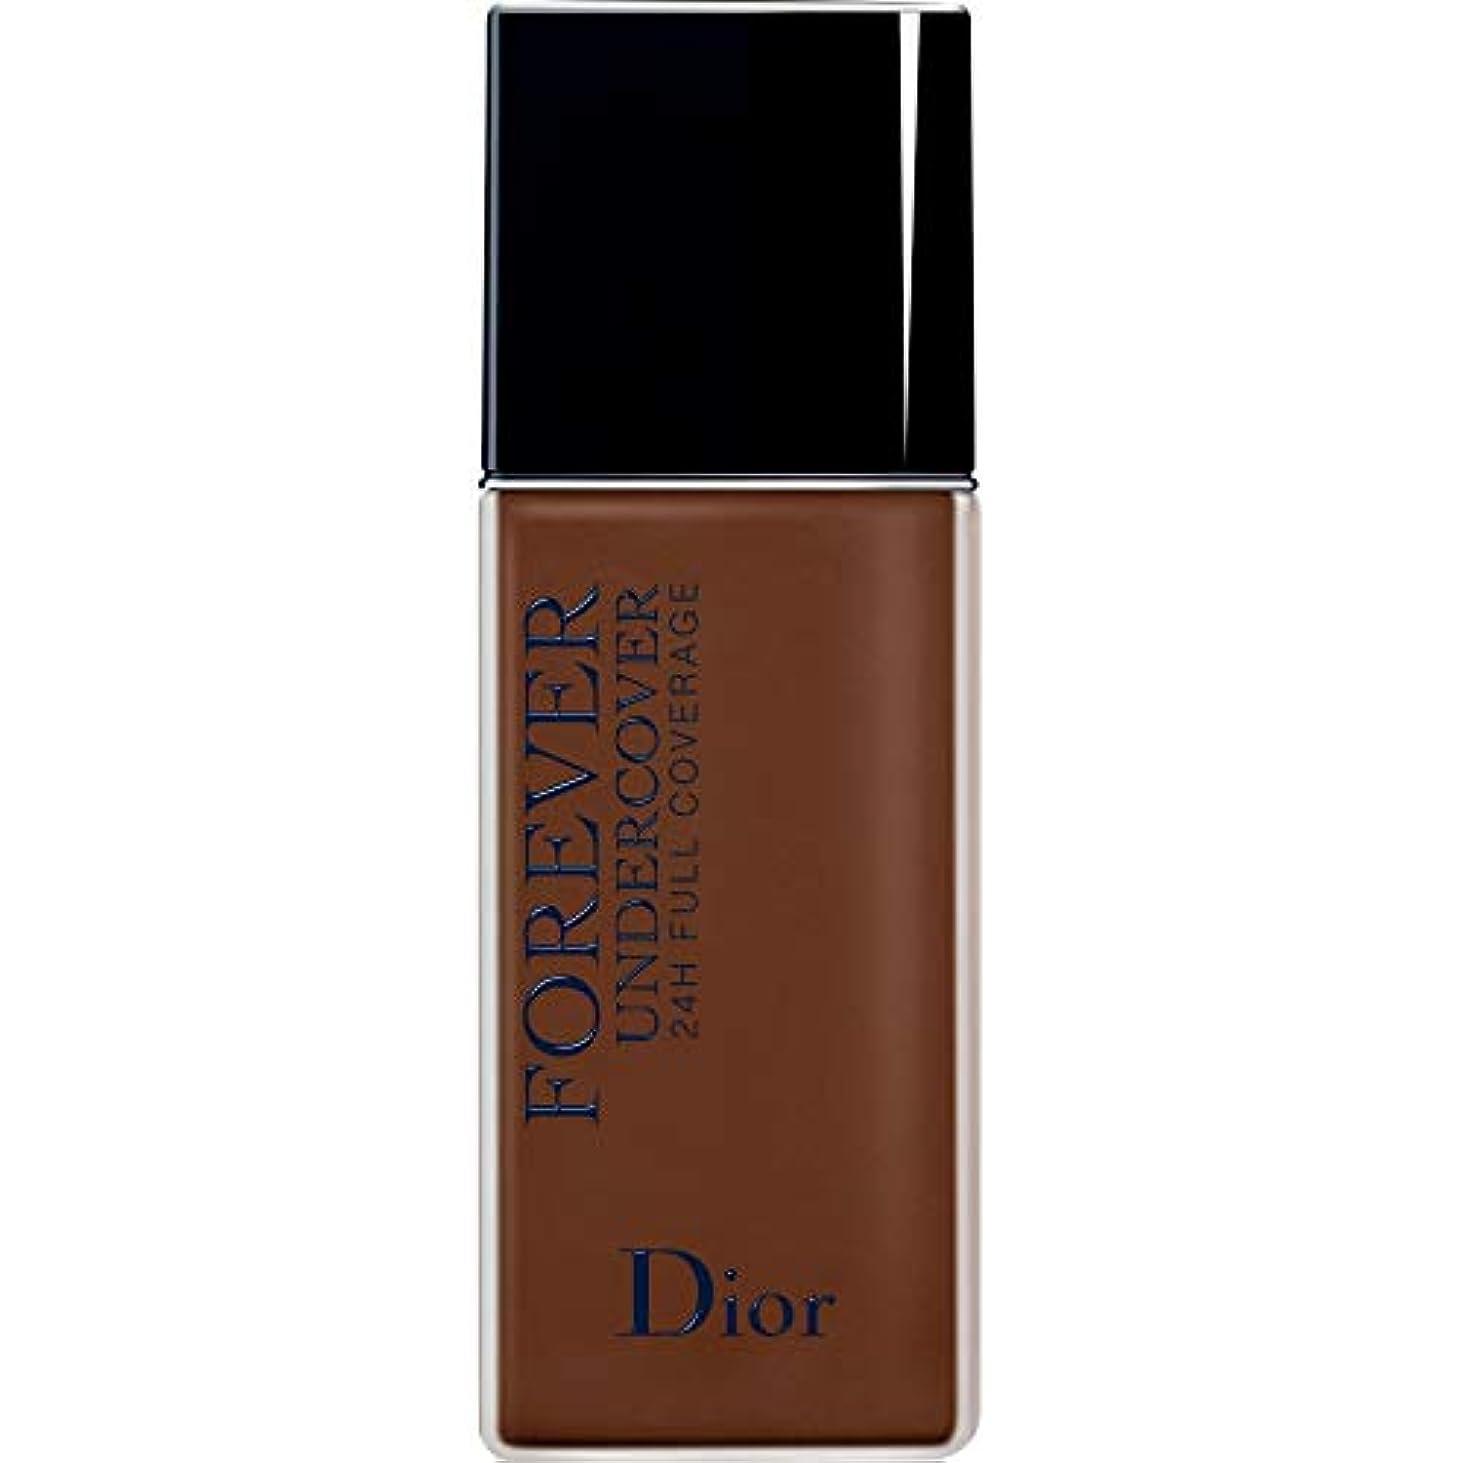 落ちた後ろ、背後、背面(部みがきます[Dior ] ディオールディオールスキン永遠アンダーカバーフルカバーの基礎40ミリリットル080 - 黒檀 - DIOR Diorskin Forever Undercover Full Coverage Foundation...